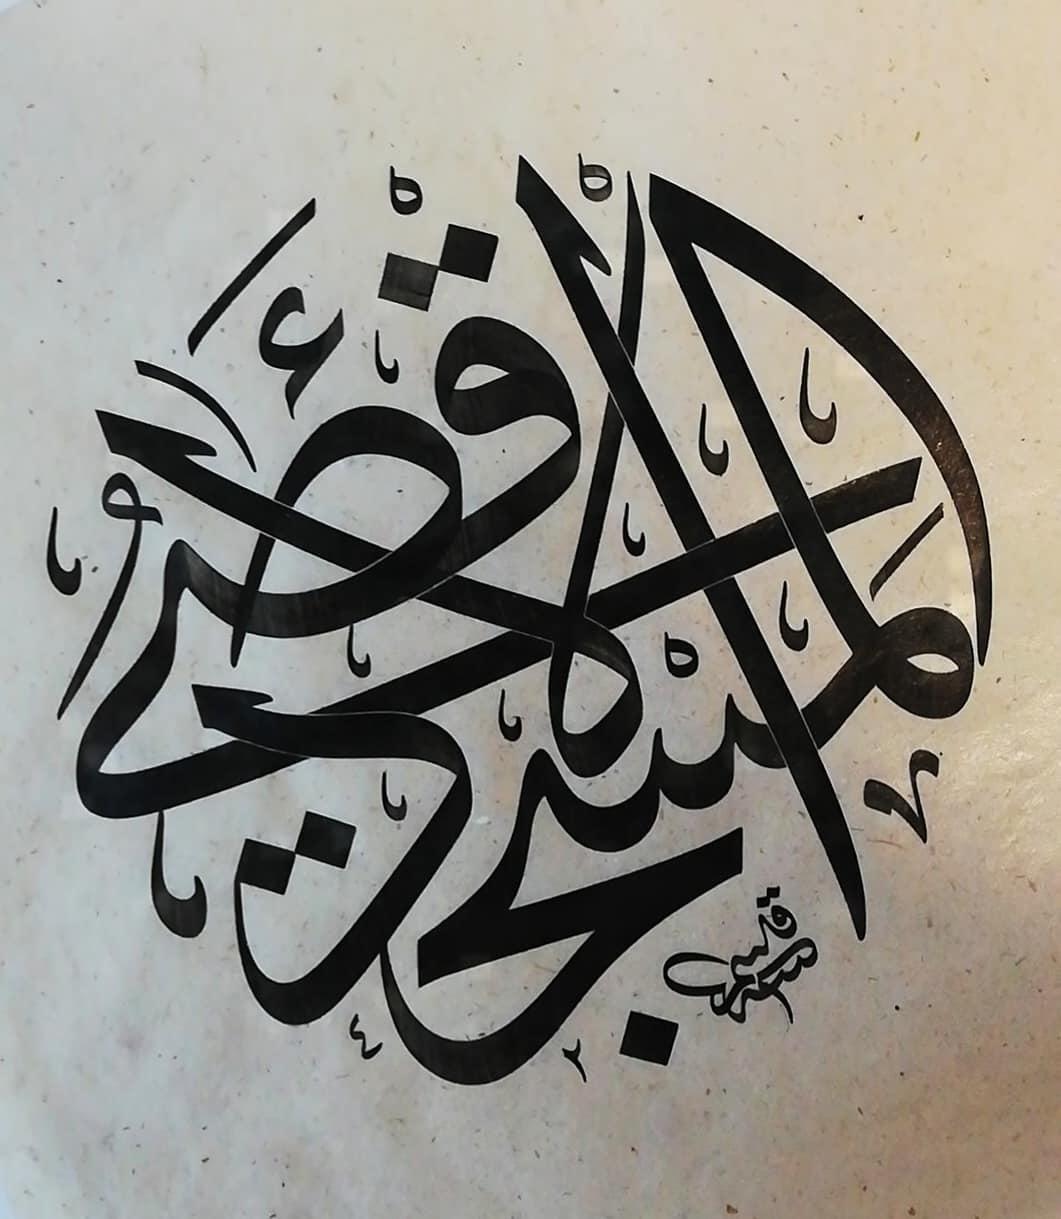 Hattat Kasım Kara قاسم قاره  Önceki paylaşımın devamı.. #hattat #hatsanatı #kasımkara #tezhip #sanat #islamic… 455